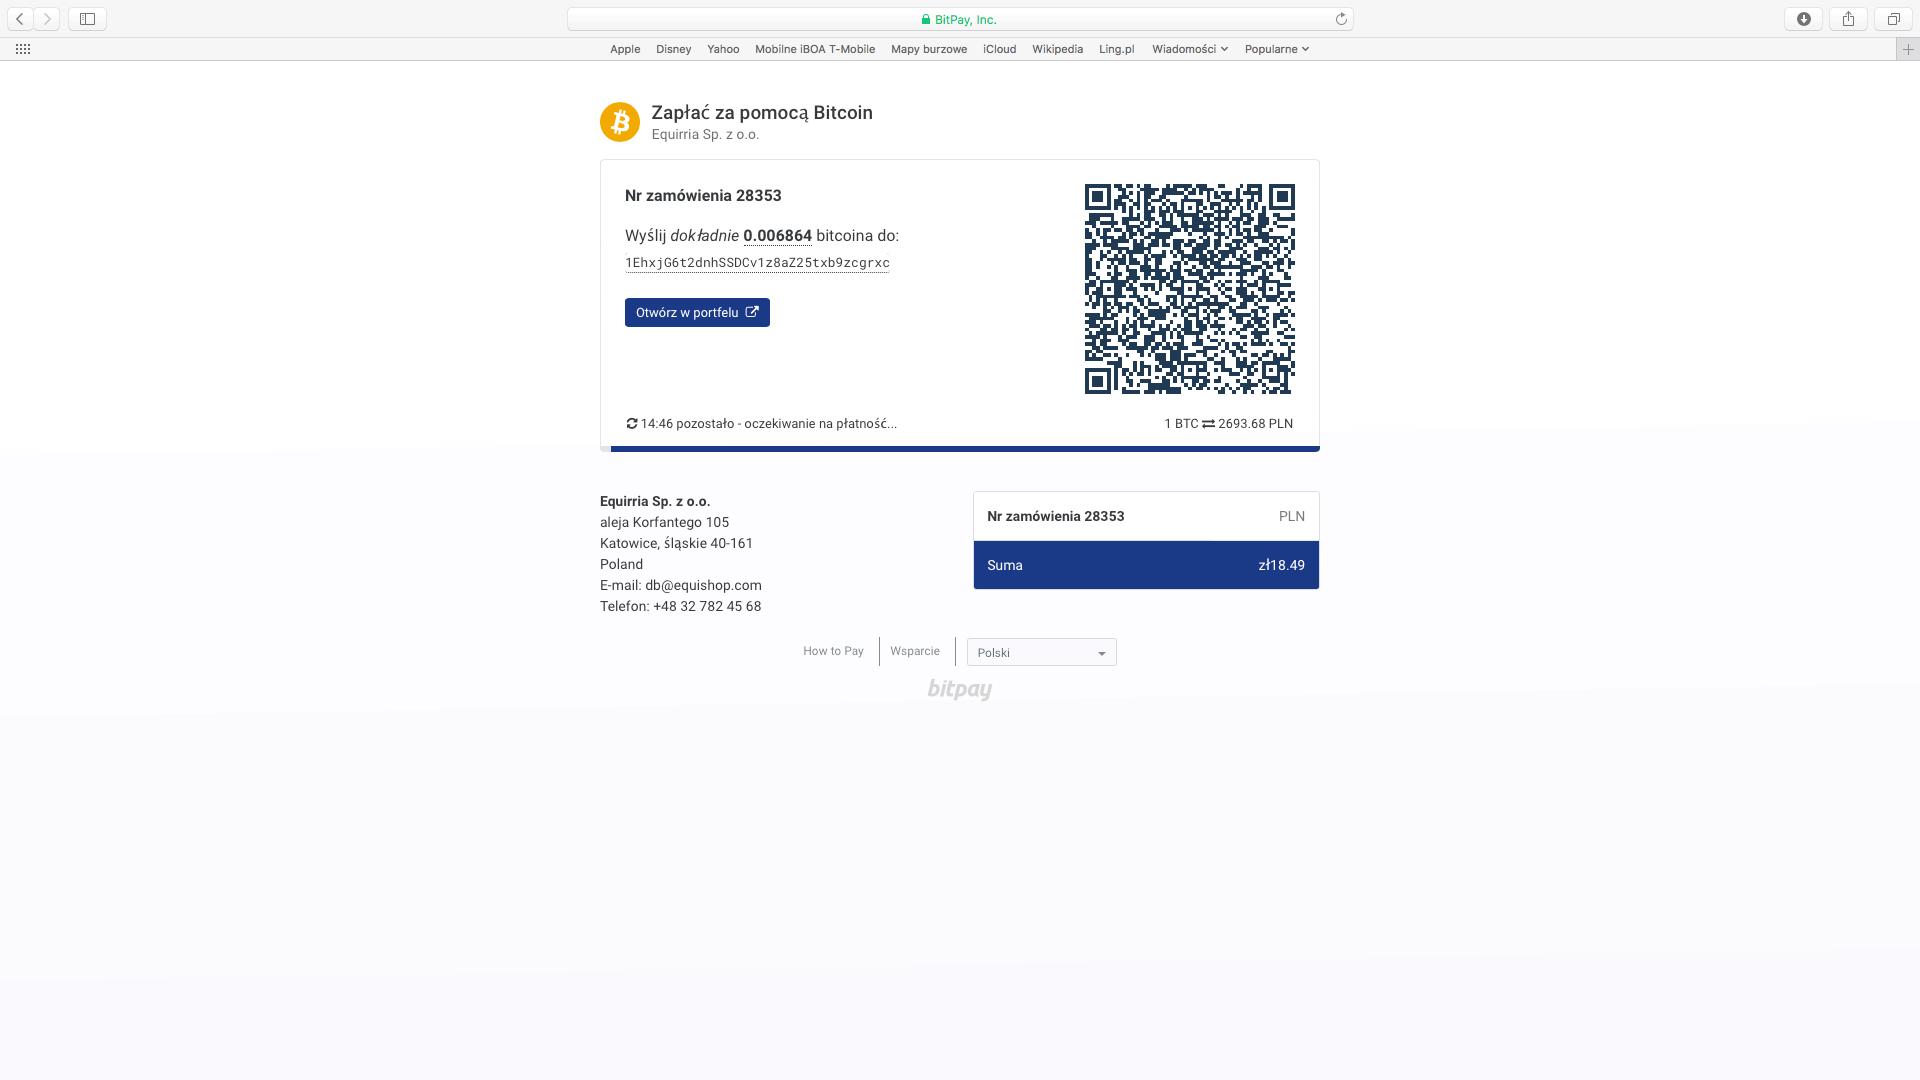 Przejście na stronę płatności BitPay